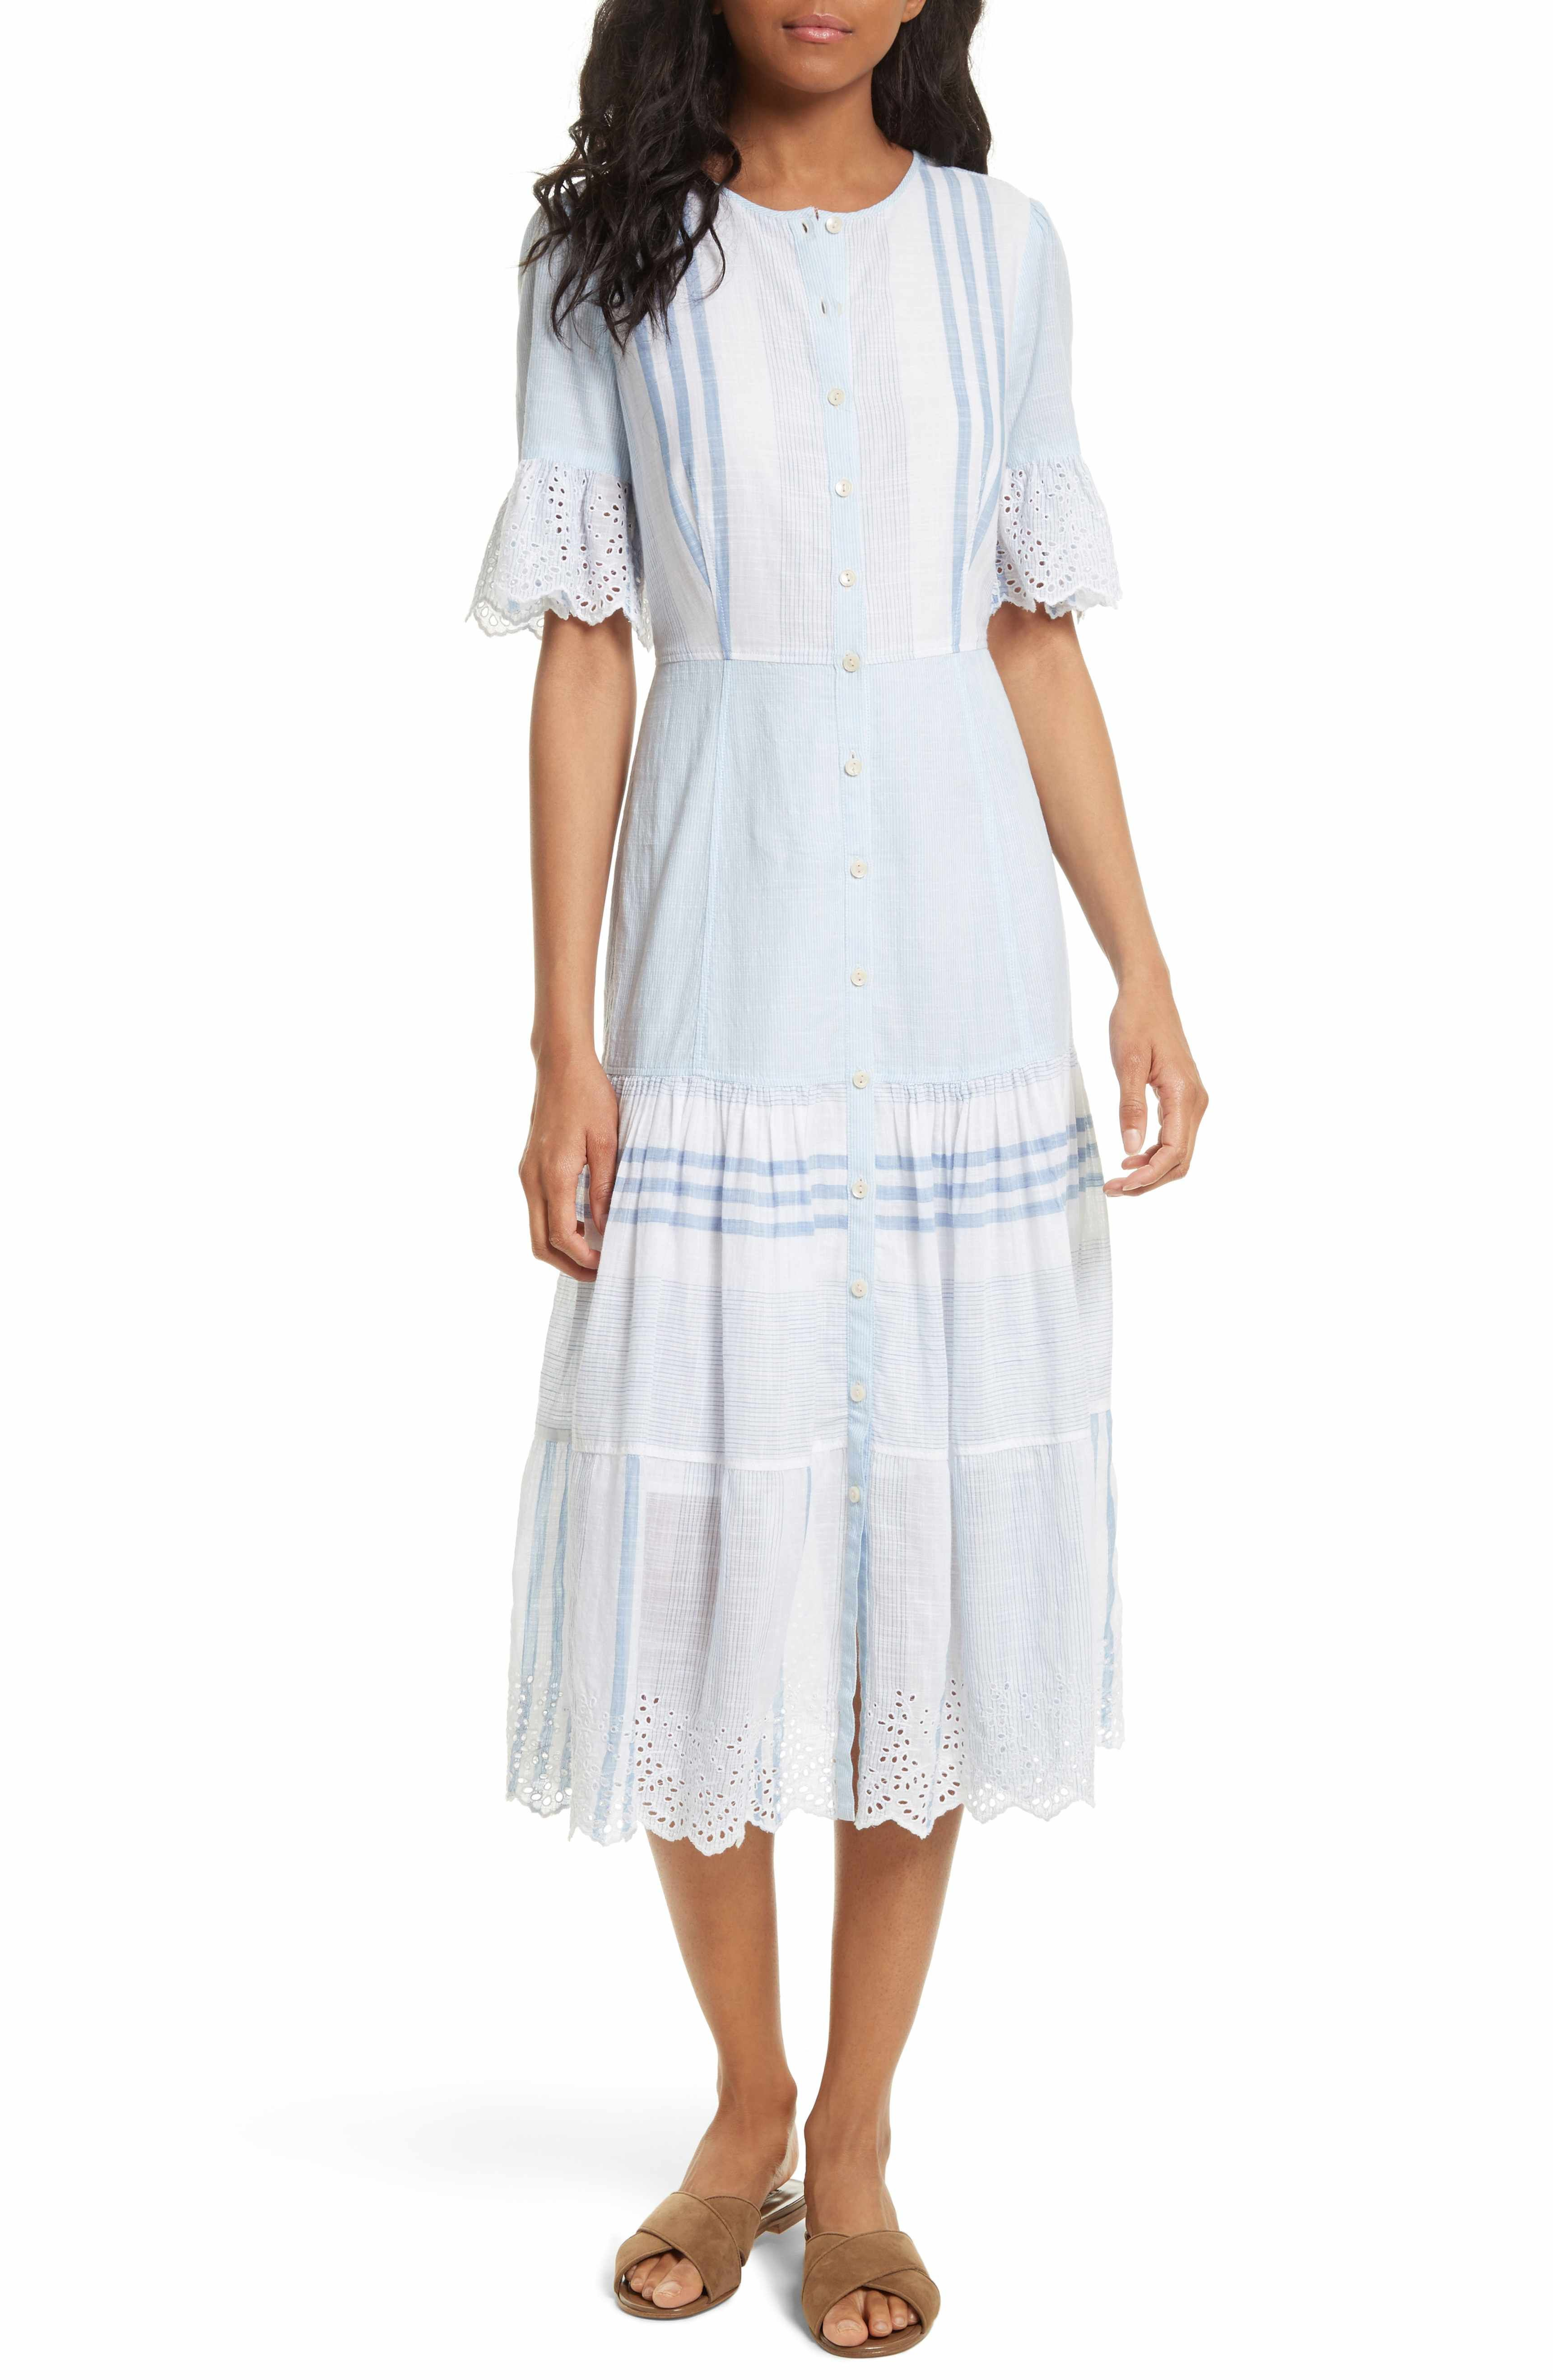 ca0ceaa130d Main Image - La Vie Rebecca Taylor Stripe Cotton Midi Dress ...